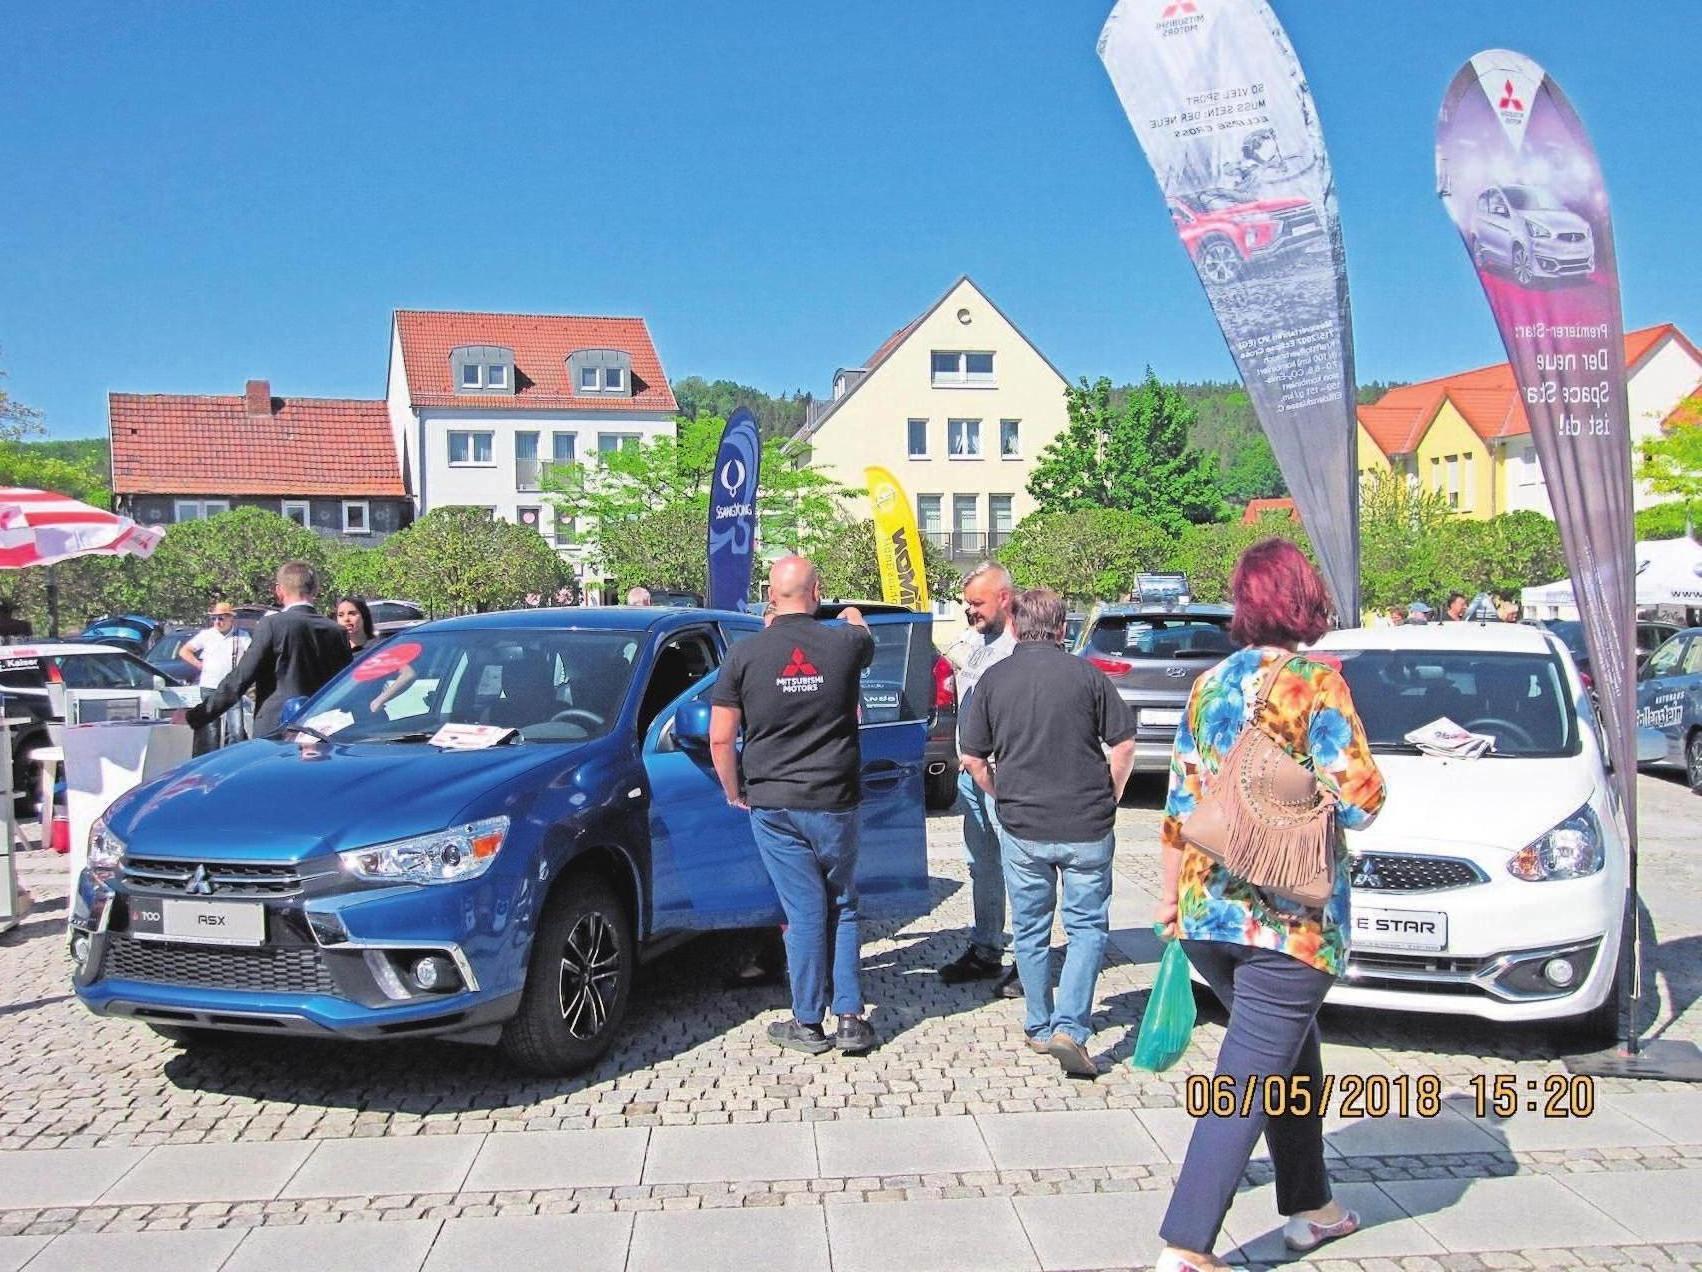 Zur Autoschau gibt es Neu- und Vorführwagen 13 verschiedener Marken zu sehen.